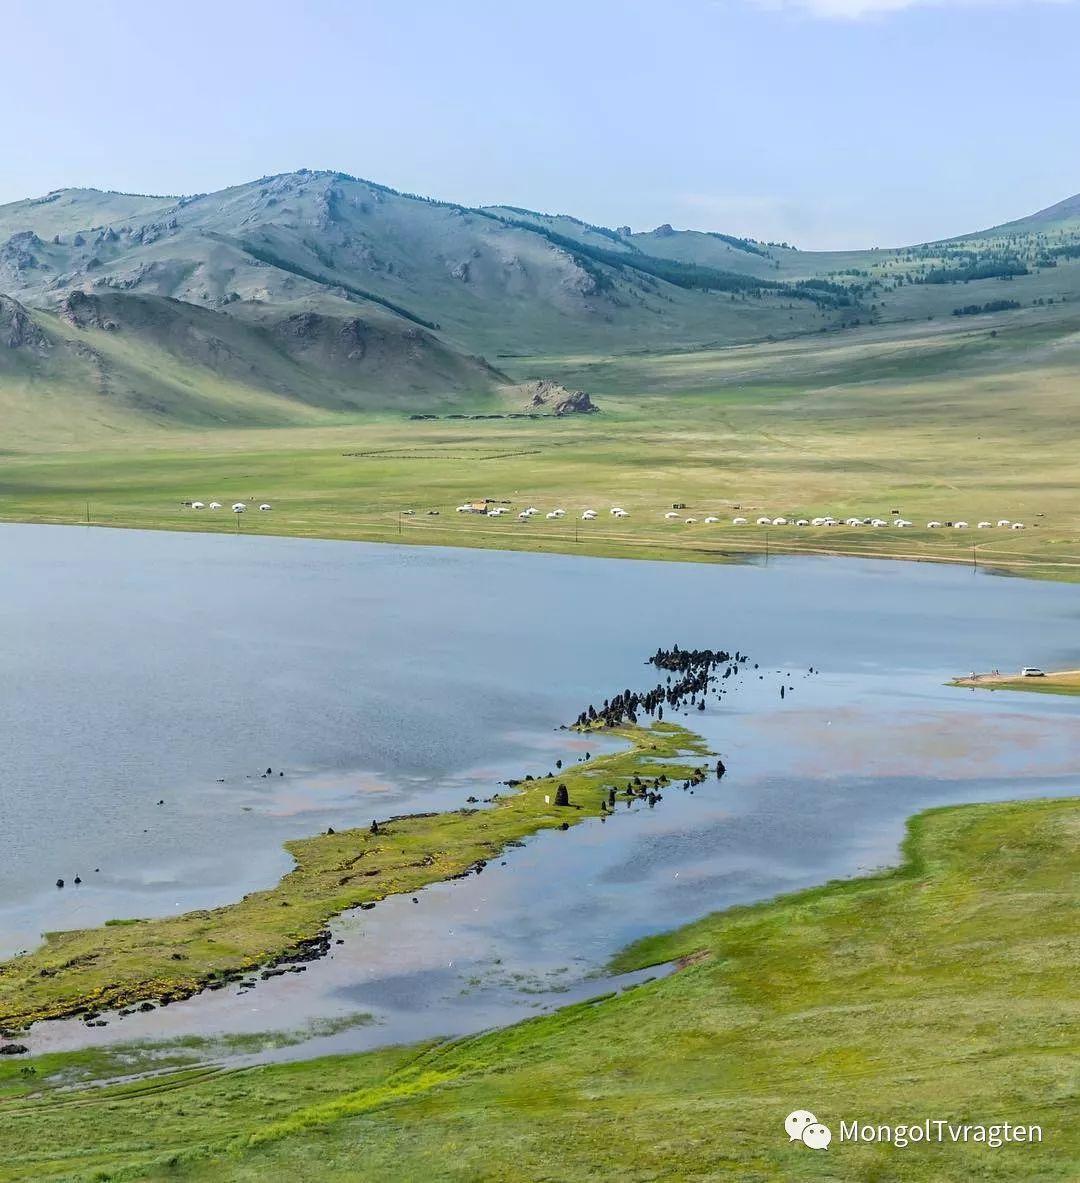 蒙古影像-Robert Michael Poole 第21张